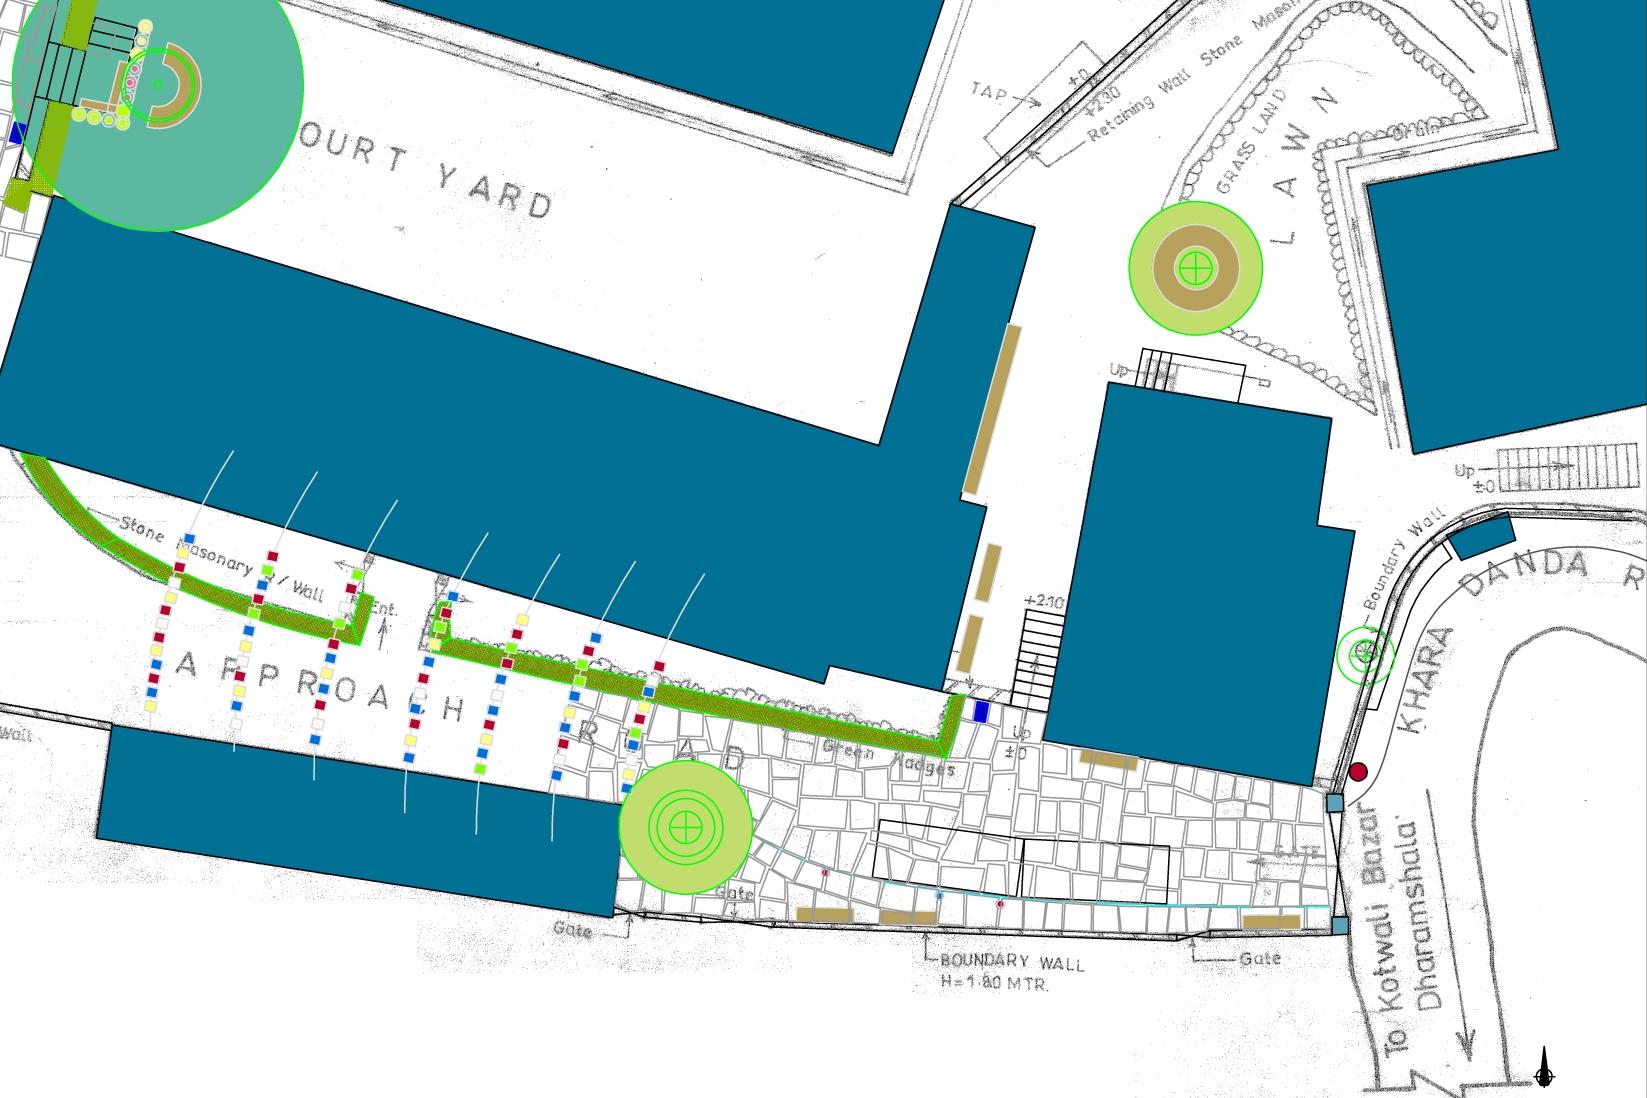 Plan for atkomstpartiet til sykehuset, med gulv av steinheller, benker, et stort tre og bønneflagg